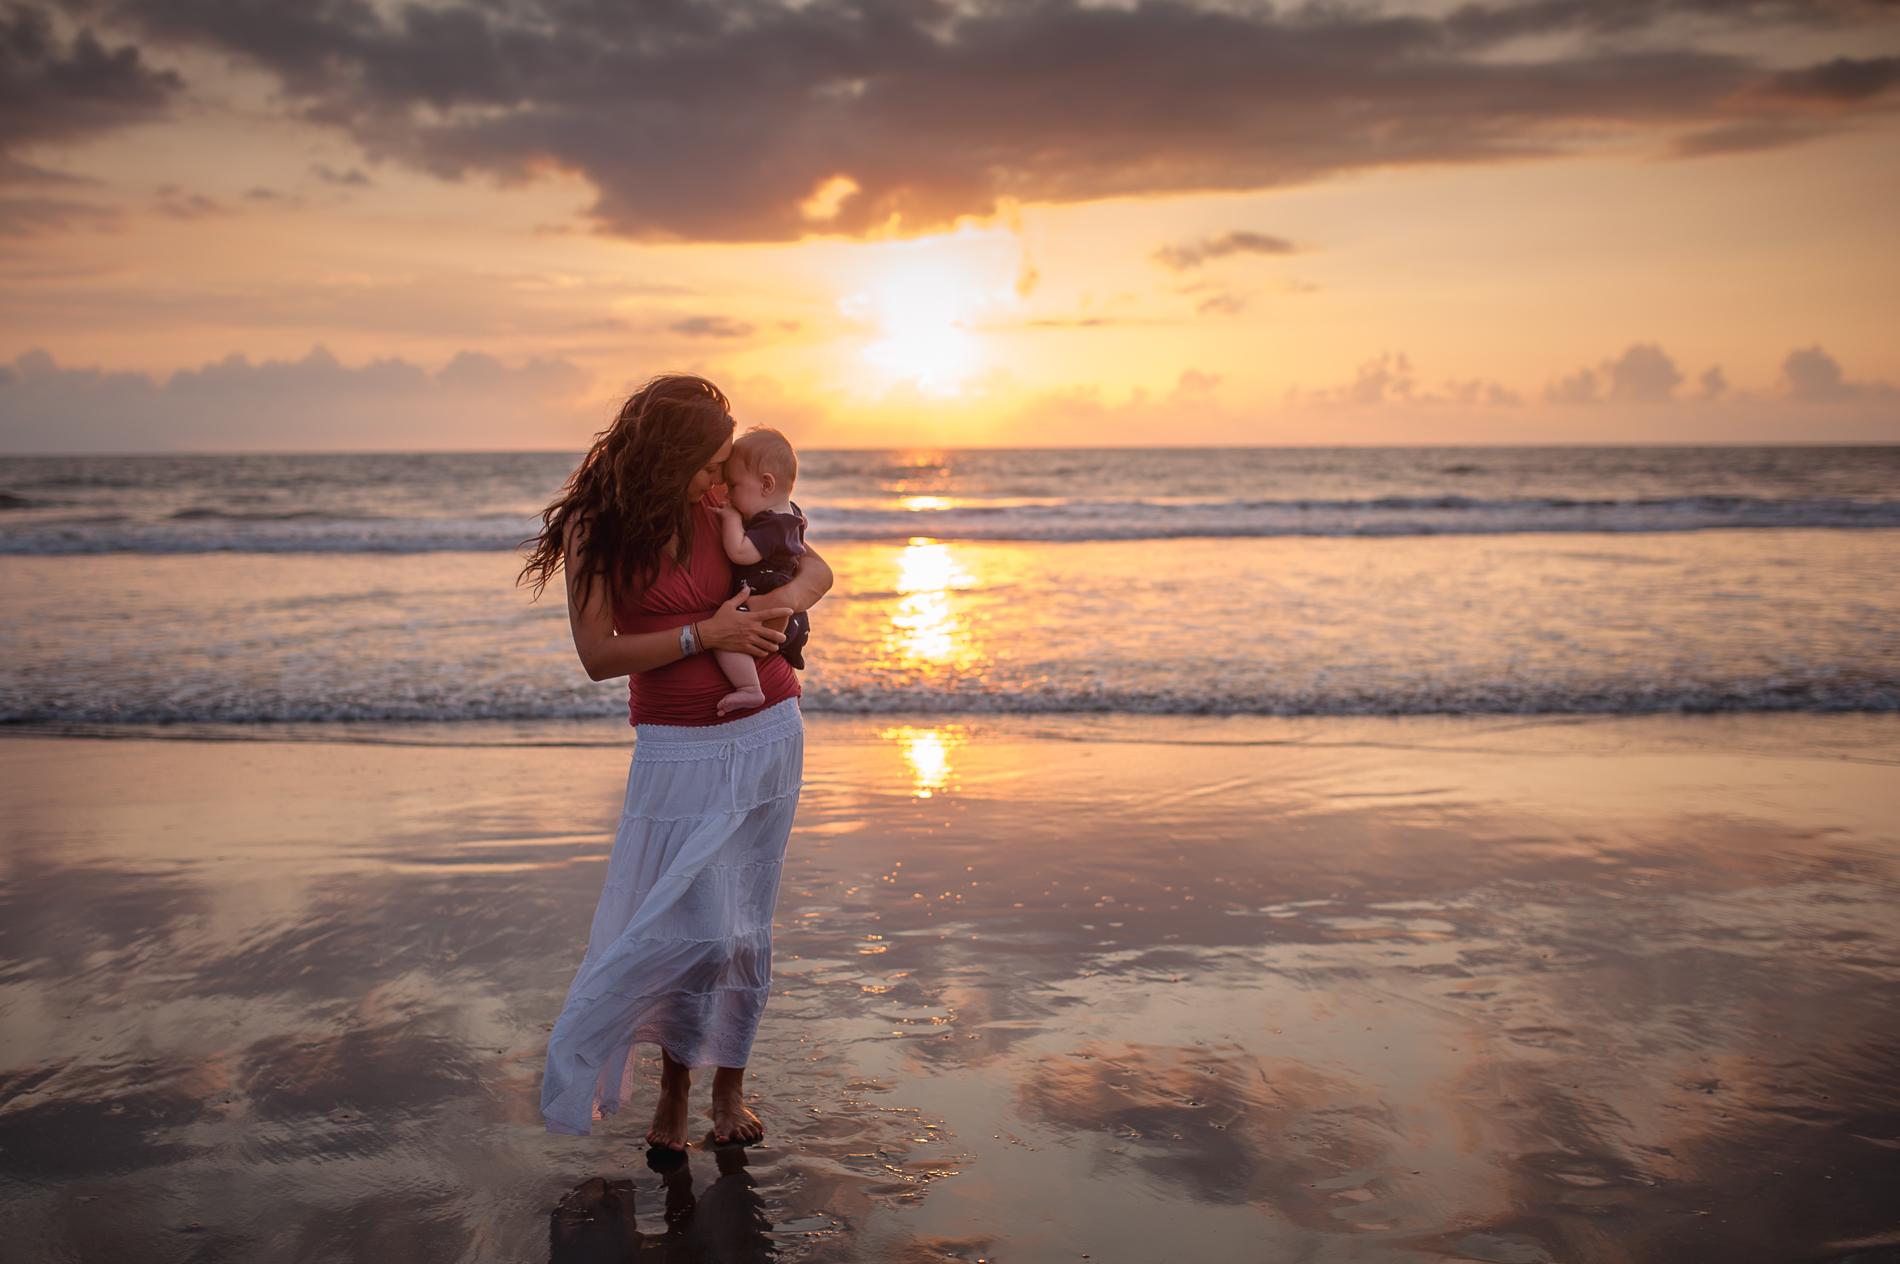 mother-son-portrait-beach_001